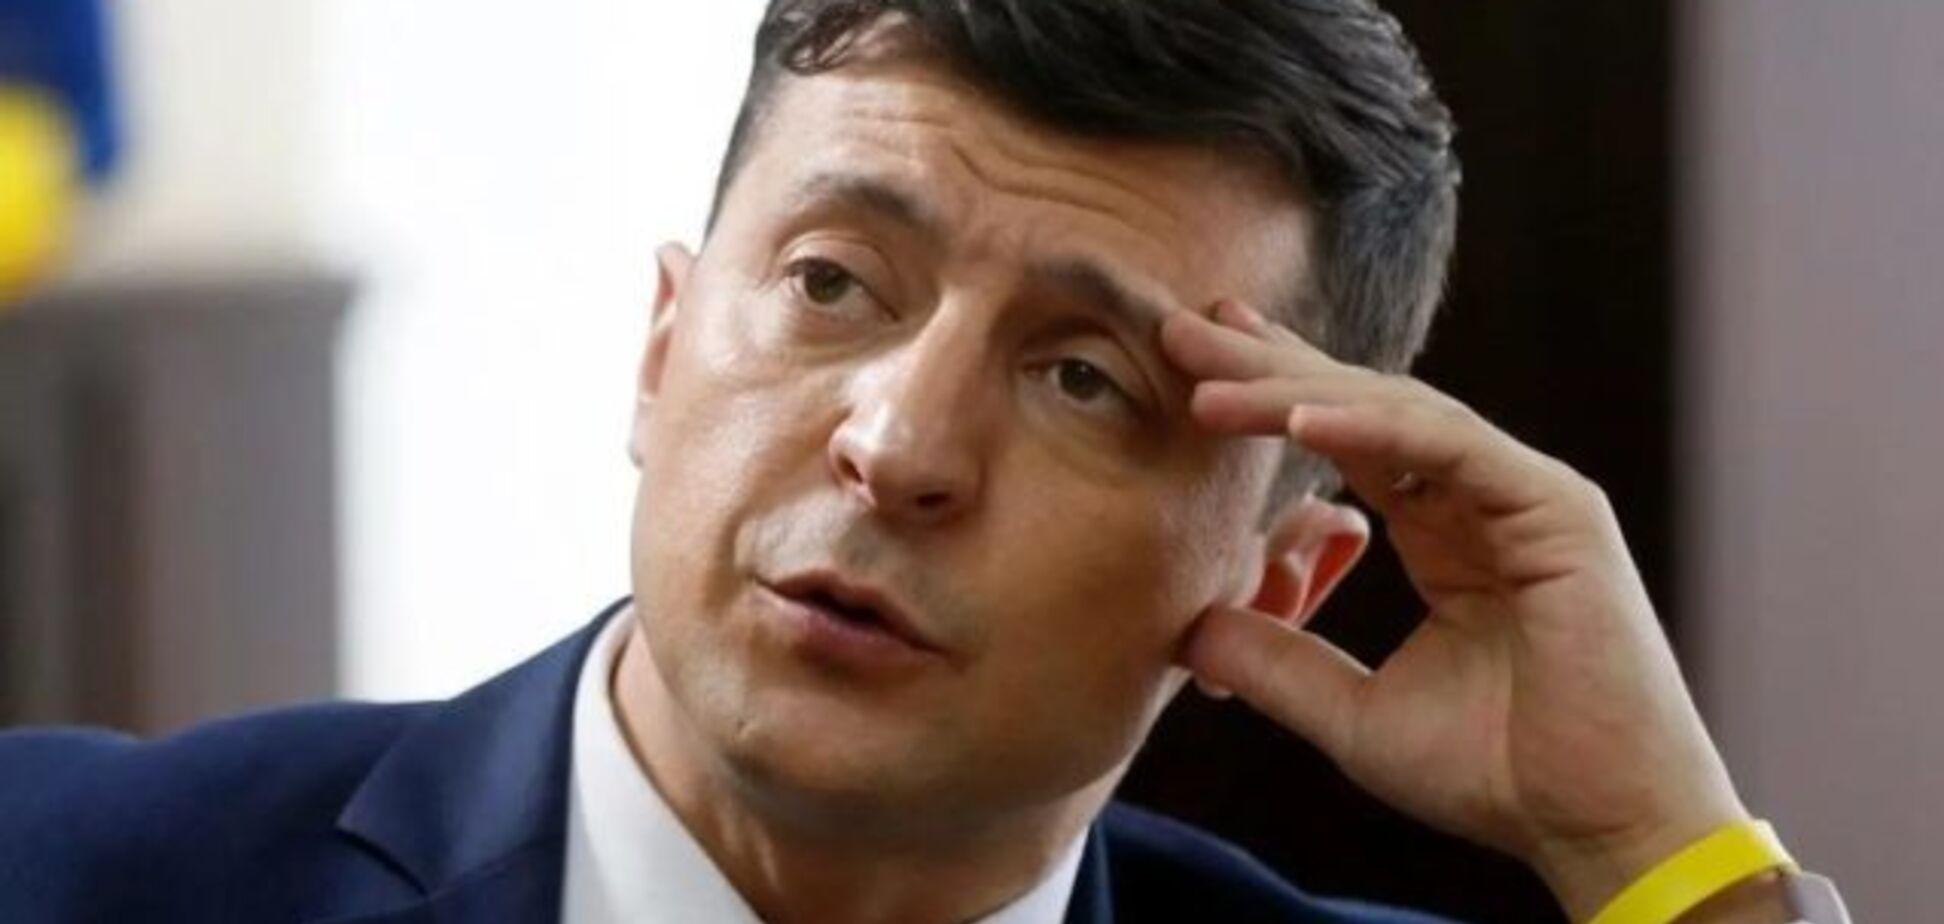 'Это уже не смешно!' Зеленский жестко ответил СБУ на скандал с прослушкой